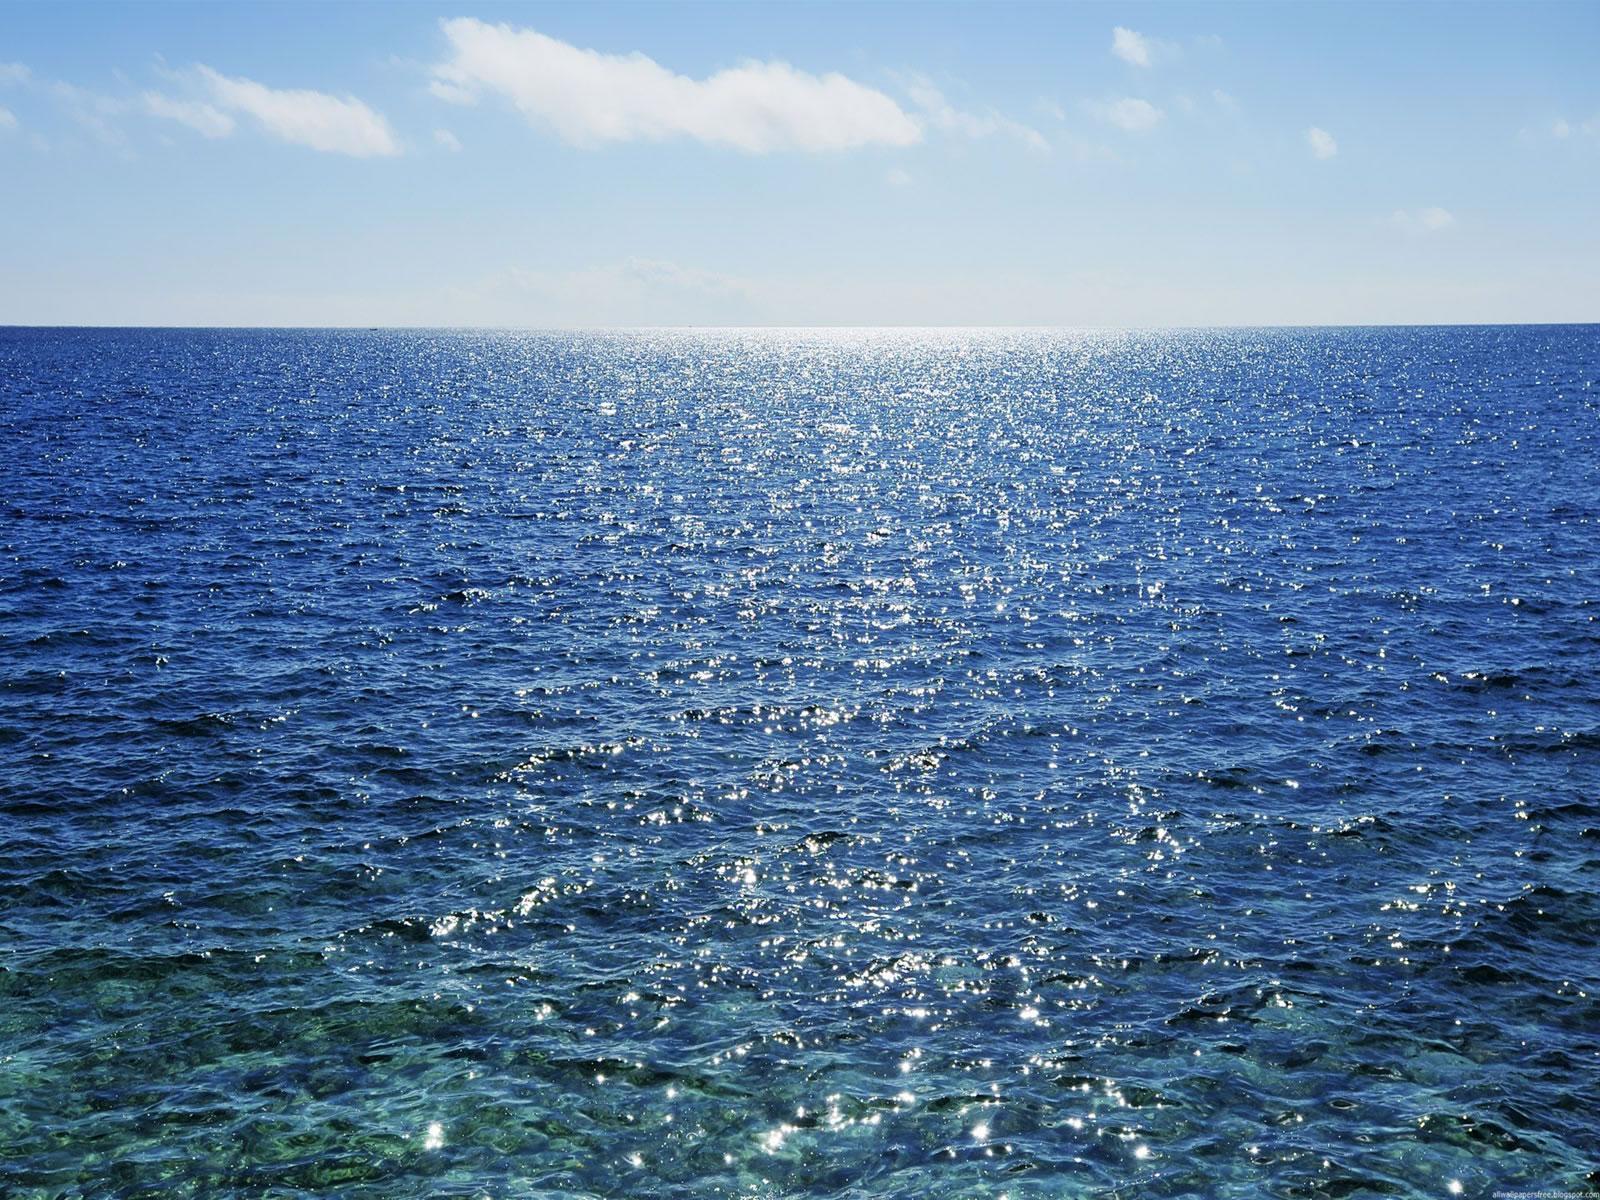 Pousada Do Valle Fotos Do Mar